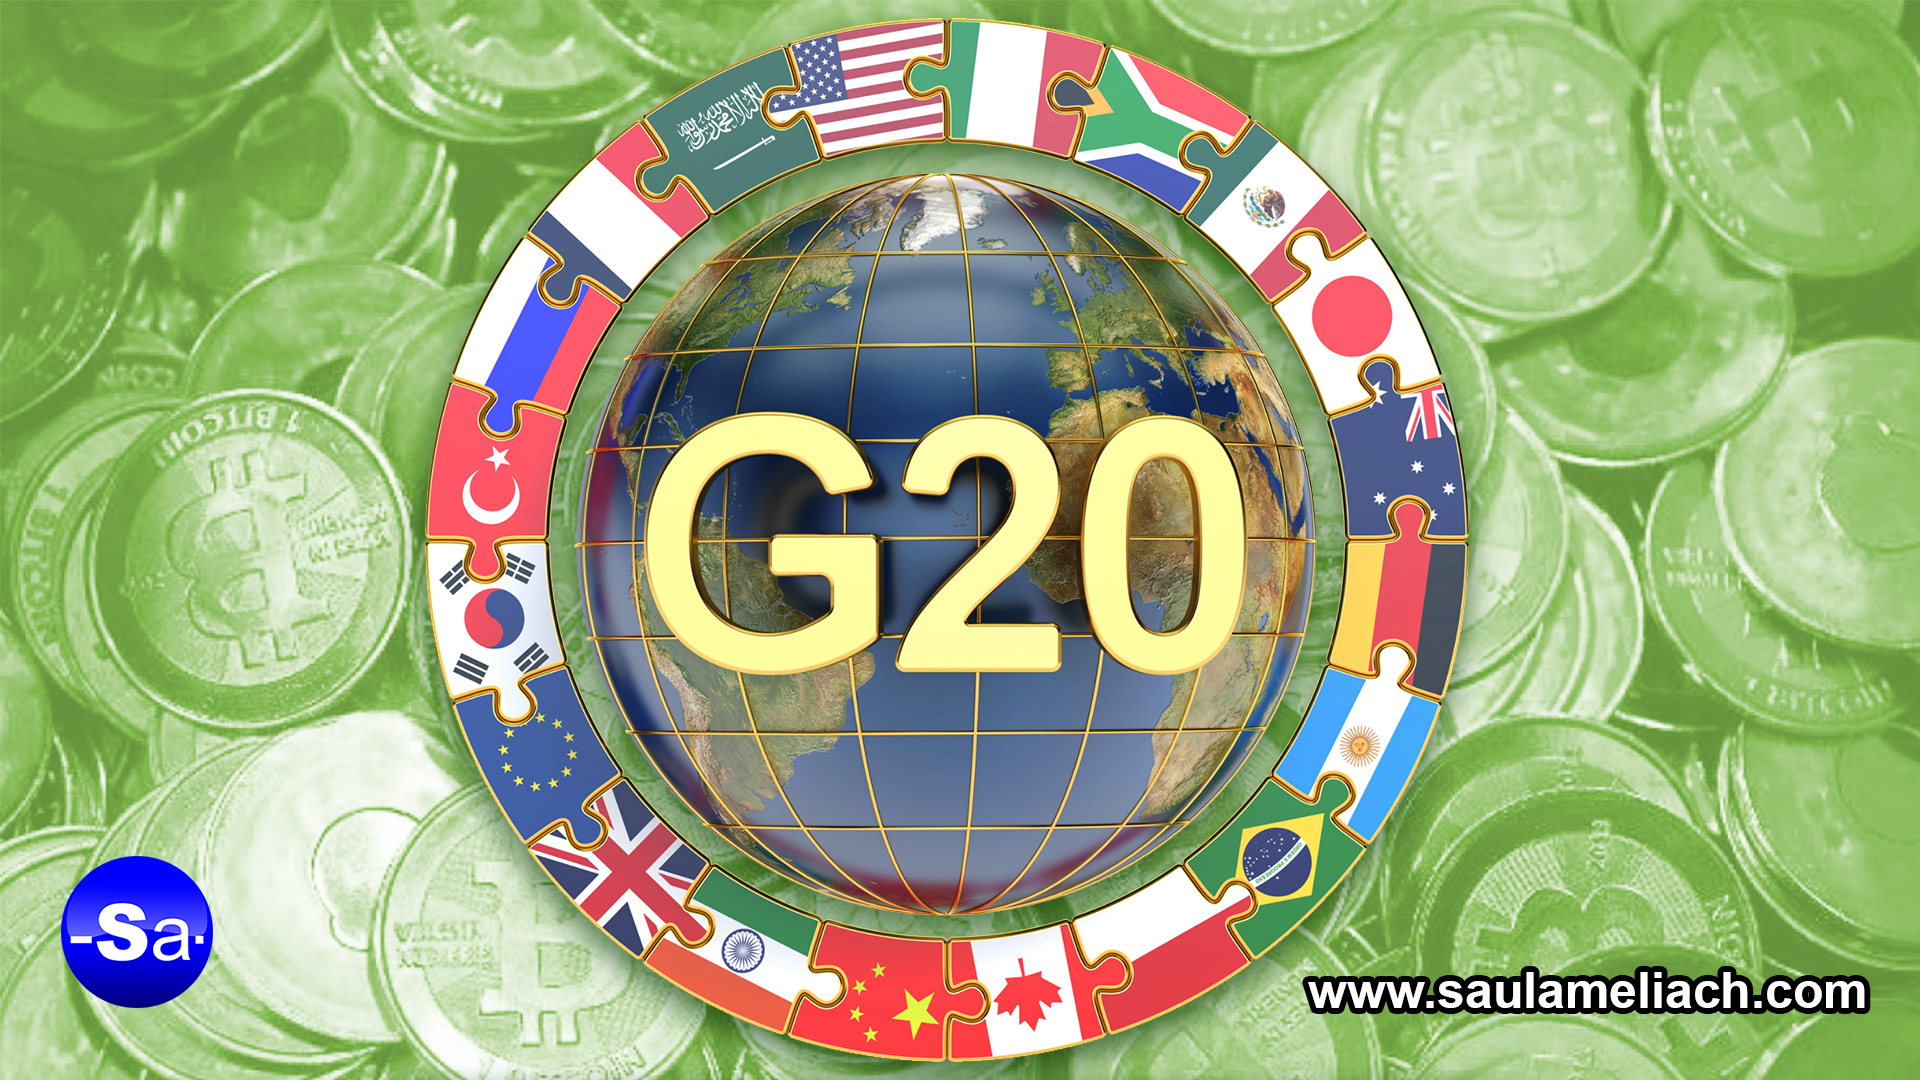 Saul Ameliach - G20 afirma.Criptoactivos no imponen un riesgo al sistema financiero